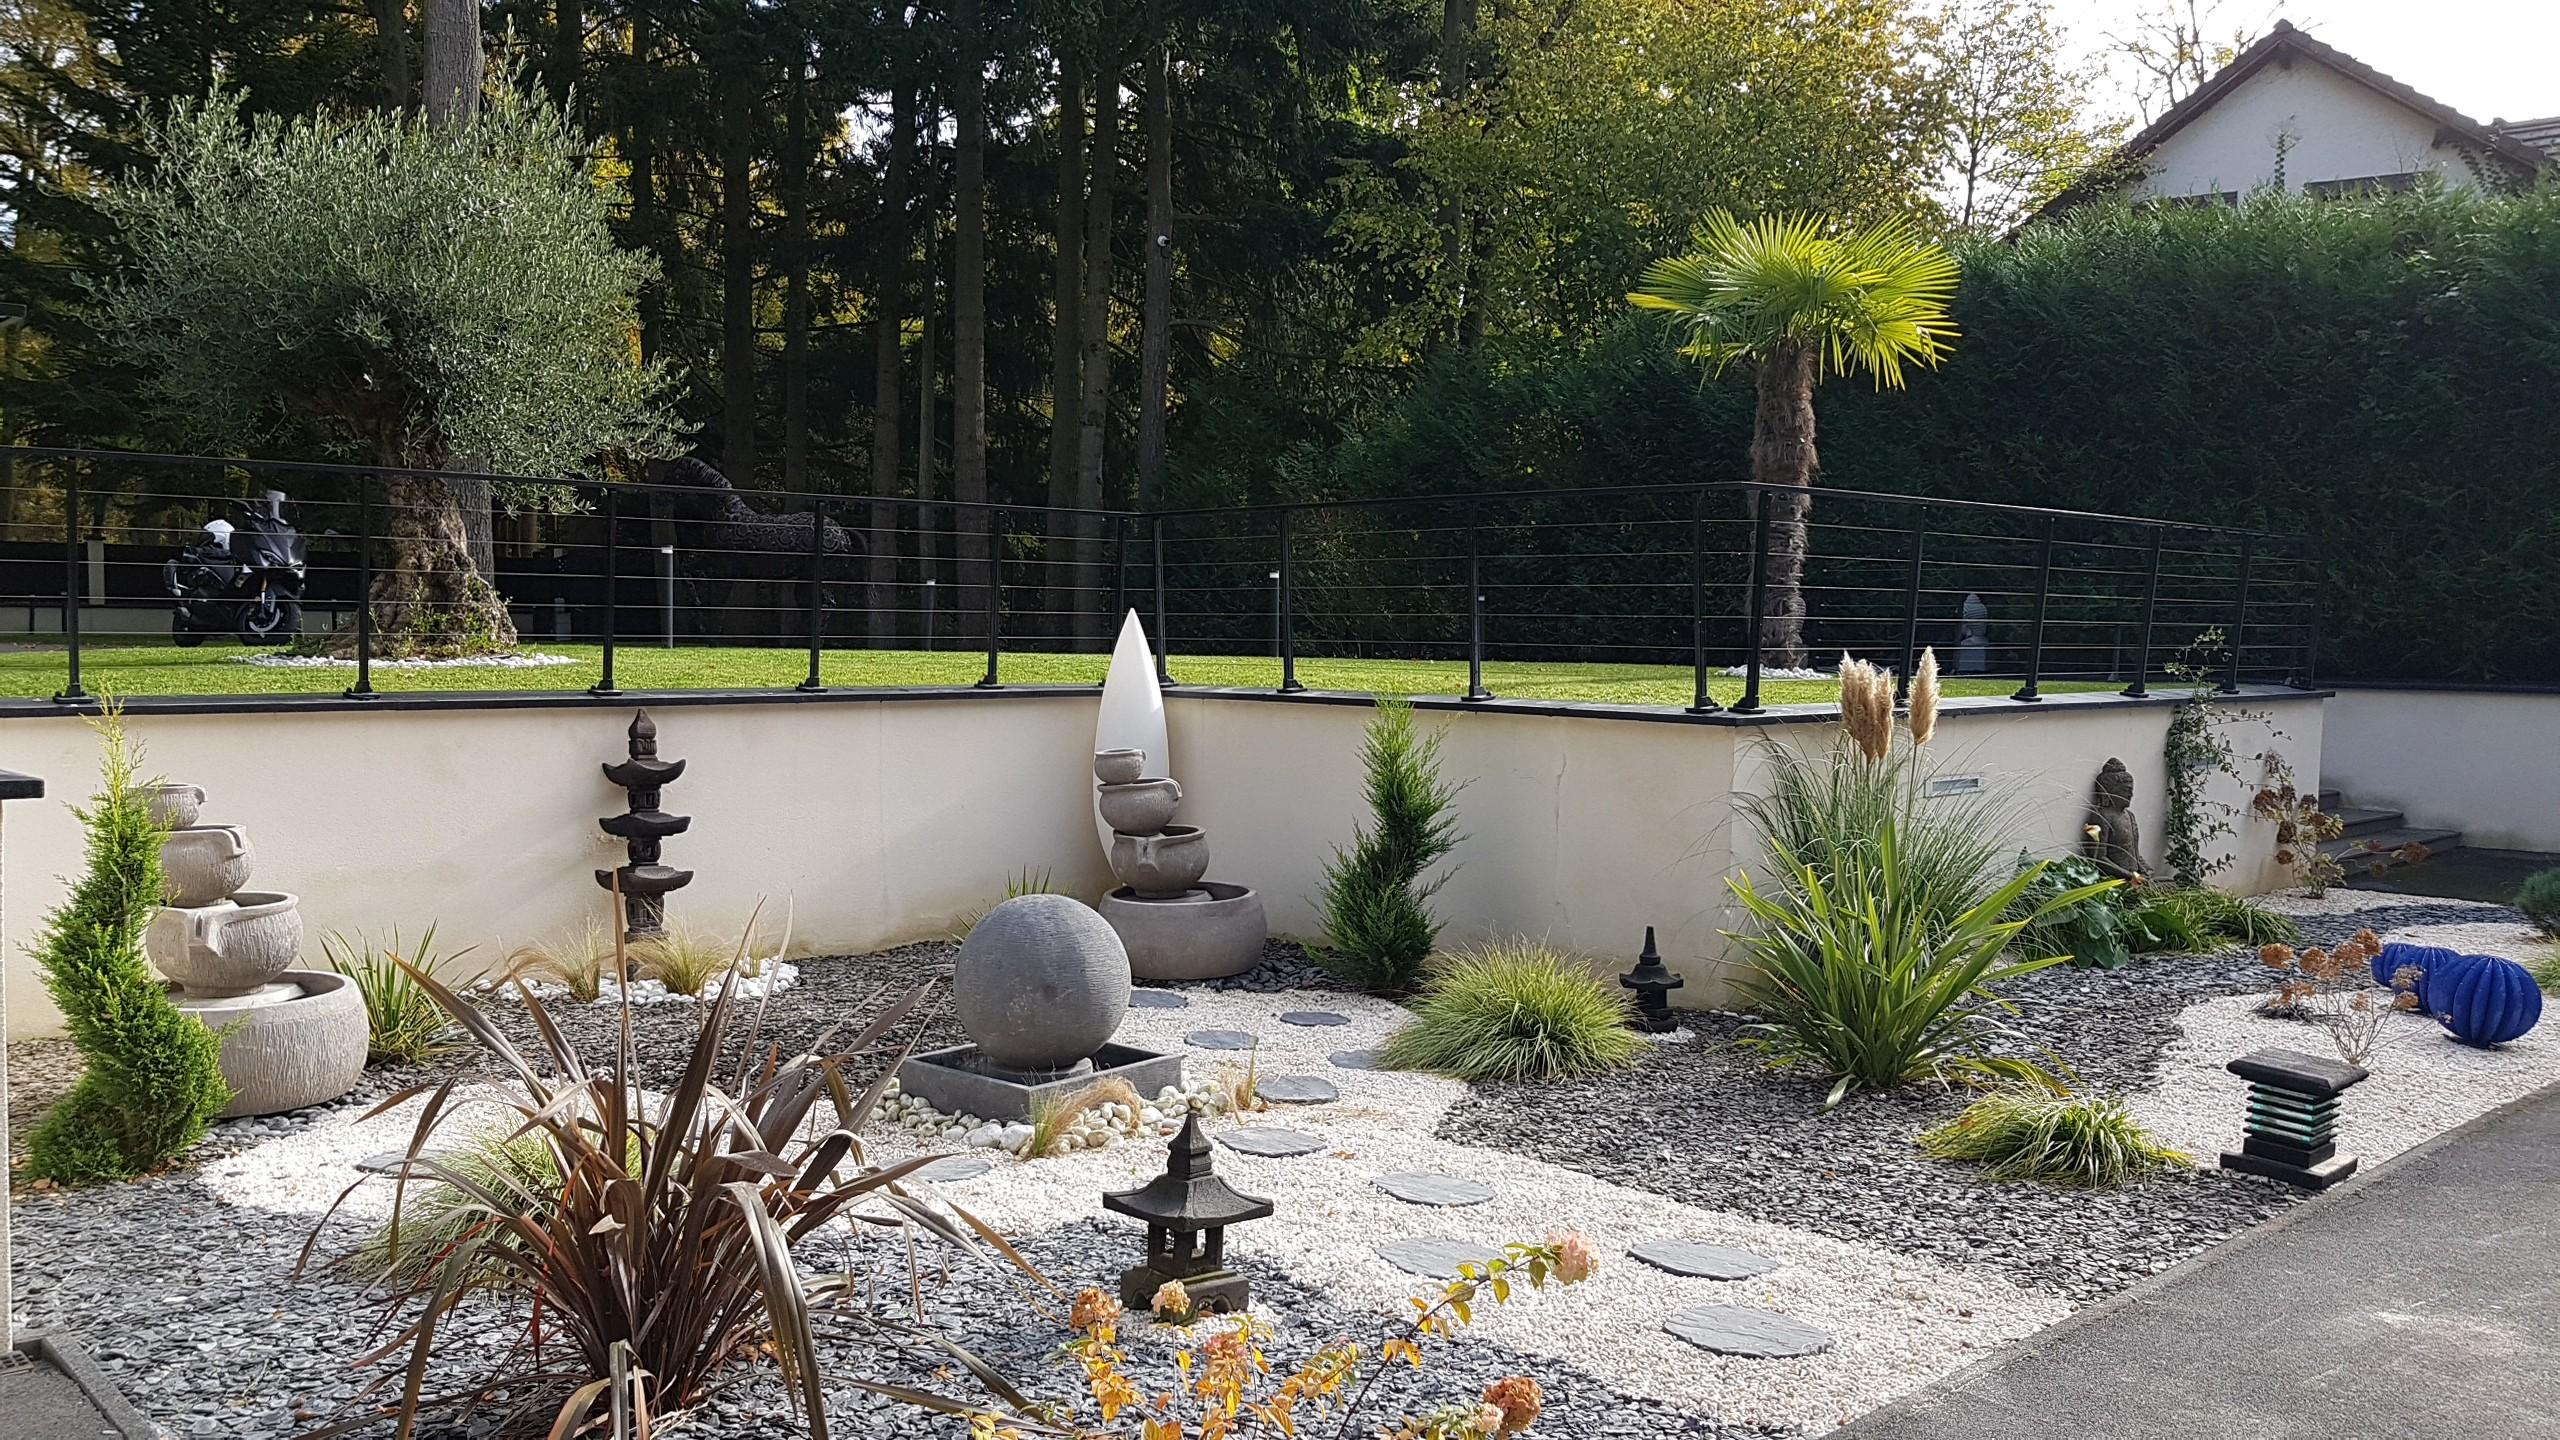 Jardin de particuliers, La Morlaye.  Statues, lanternes japonaises, fontaine Kaolan Monde et jardins